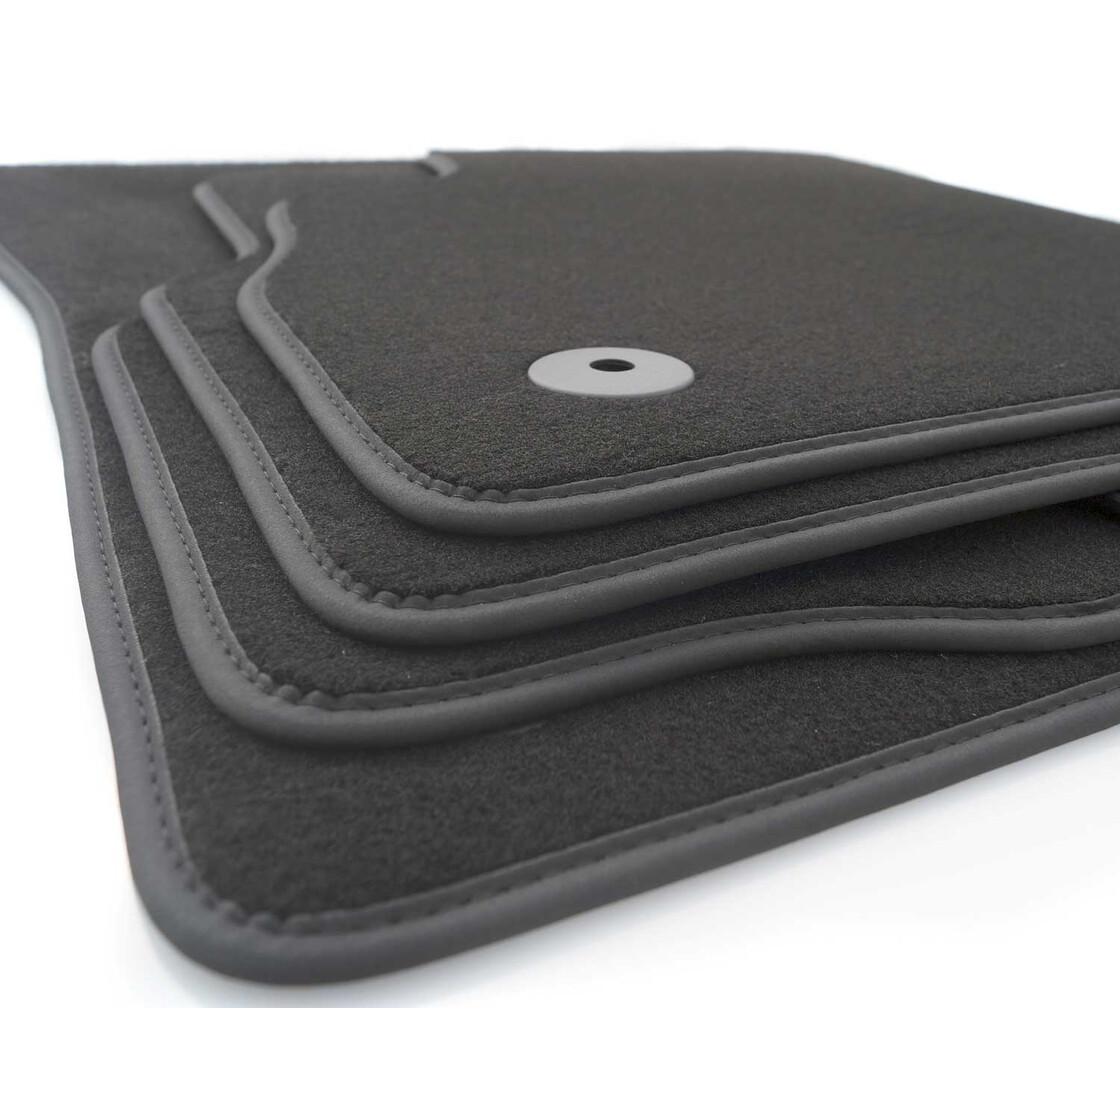 opel fu matten astra k sports tourer premium schwarz kaufen. Black Bedroom Furniture Sets. Home Design Ideas